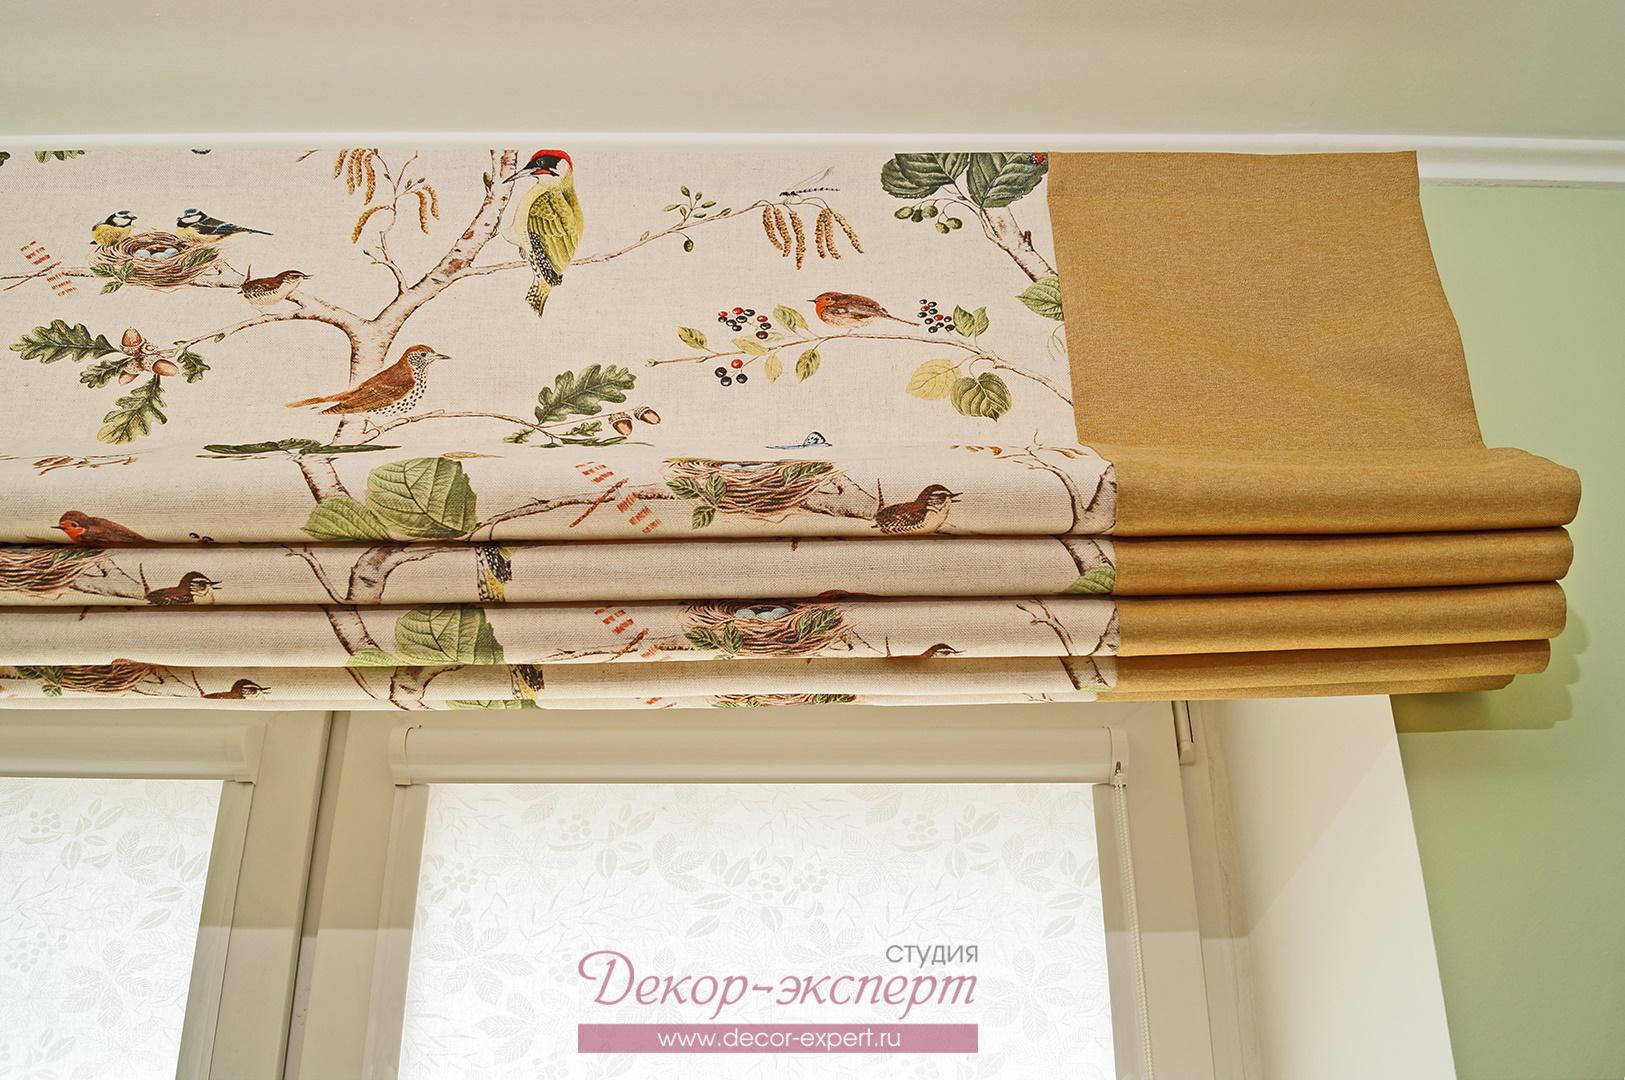 Рулонные шторы кассетного типа на створках окна за римской шторой.